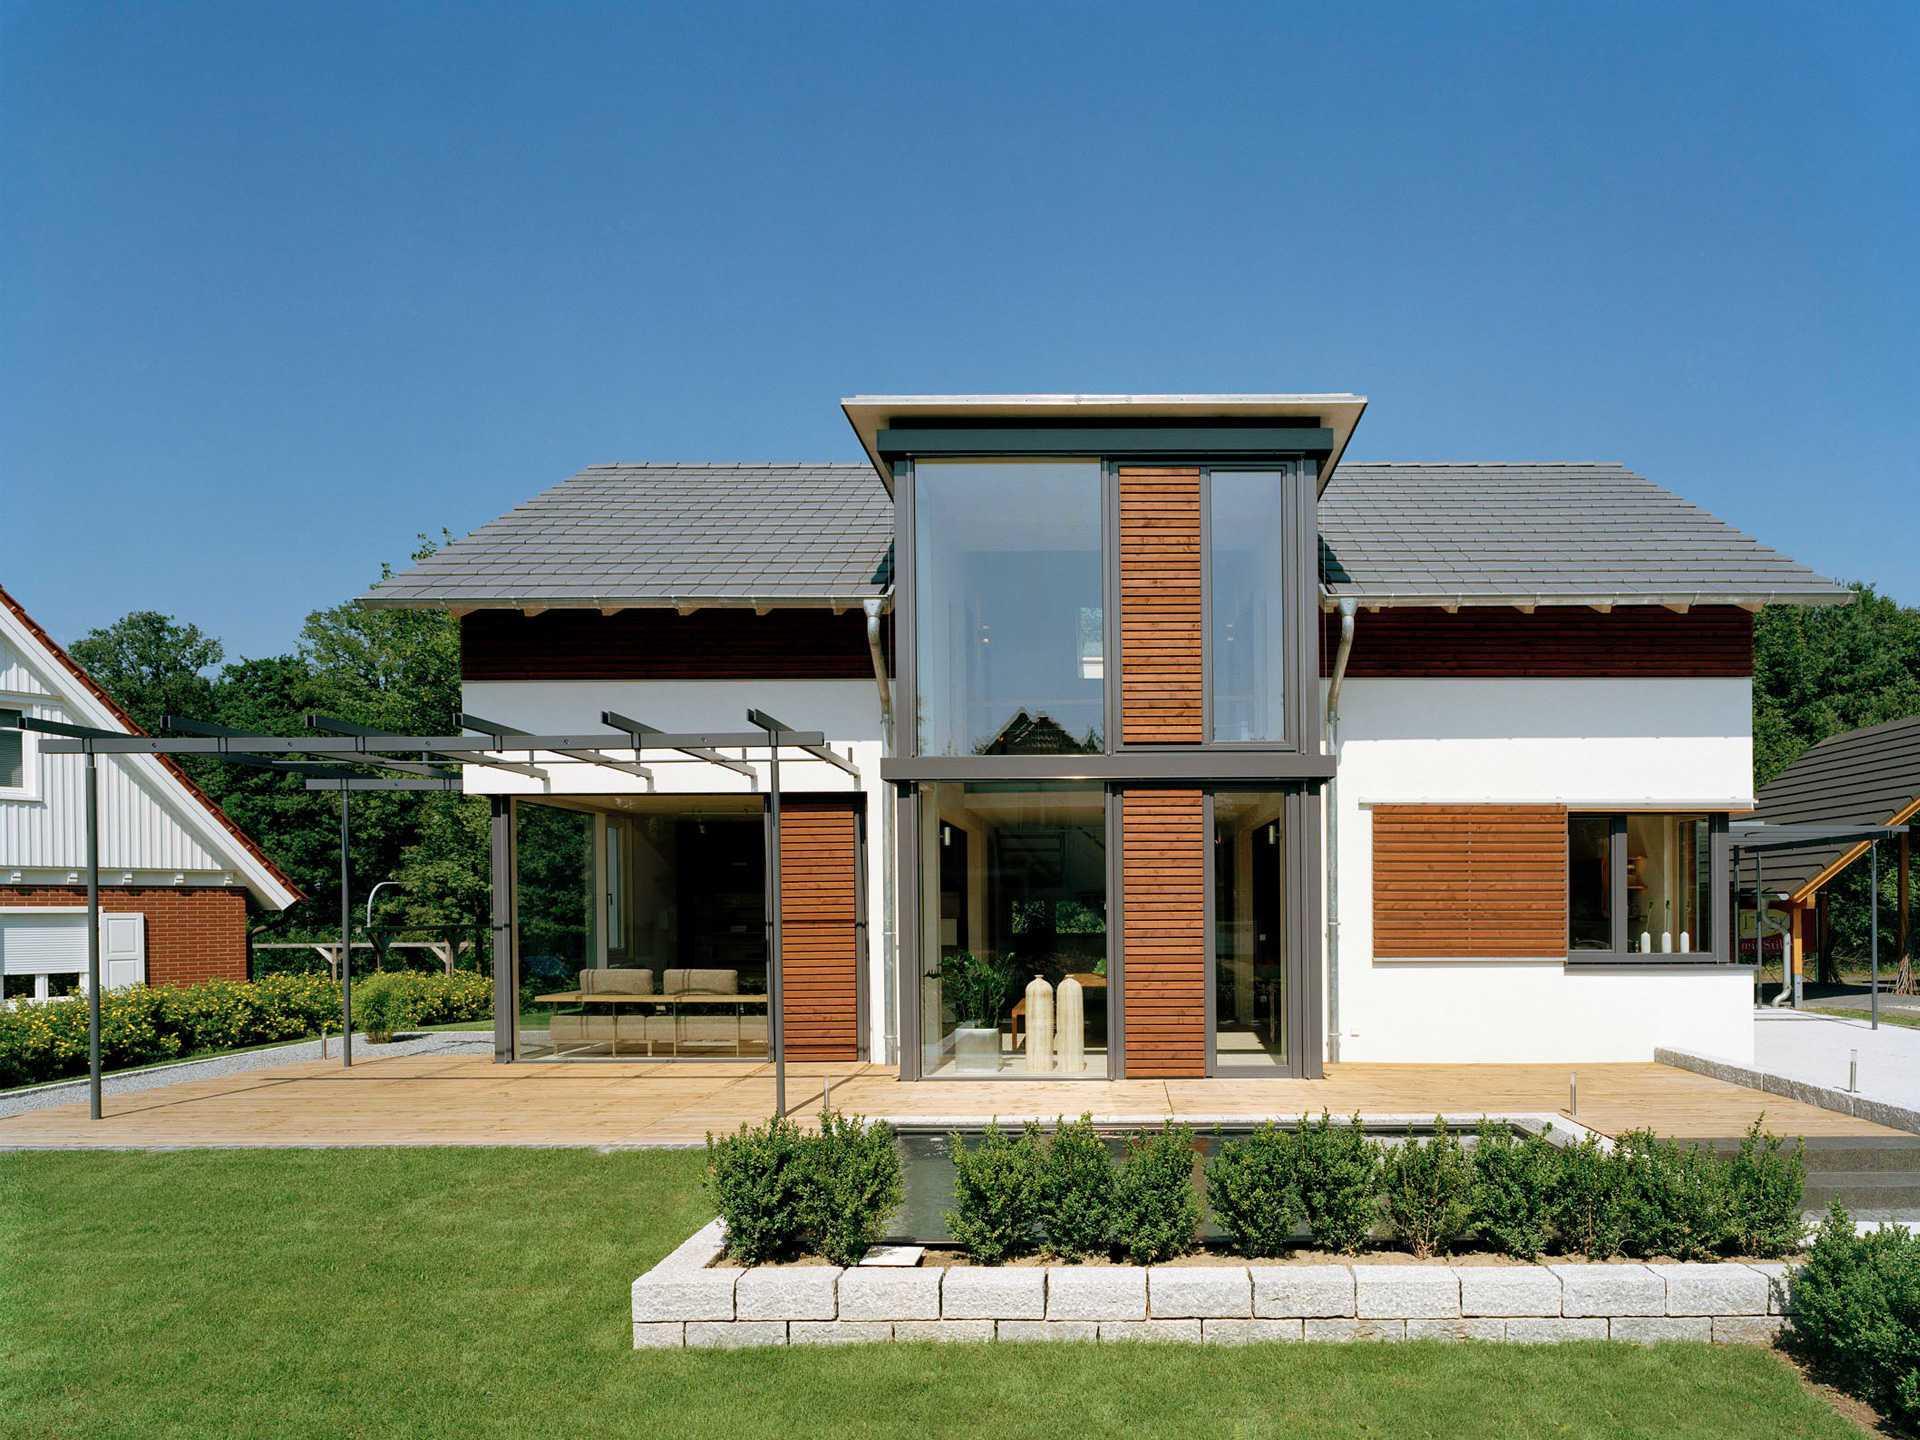 R. Frammelsberger Design 168, Bad Vilbel